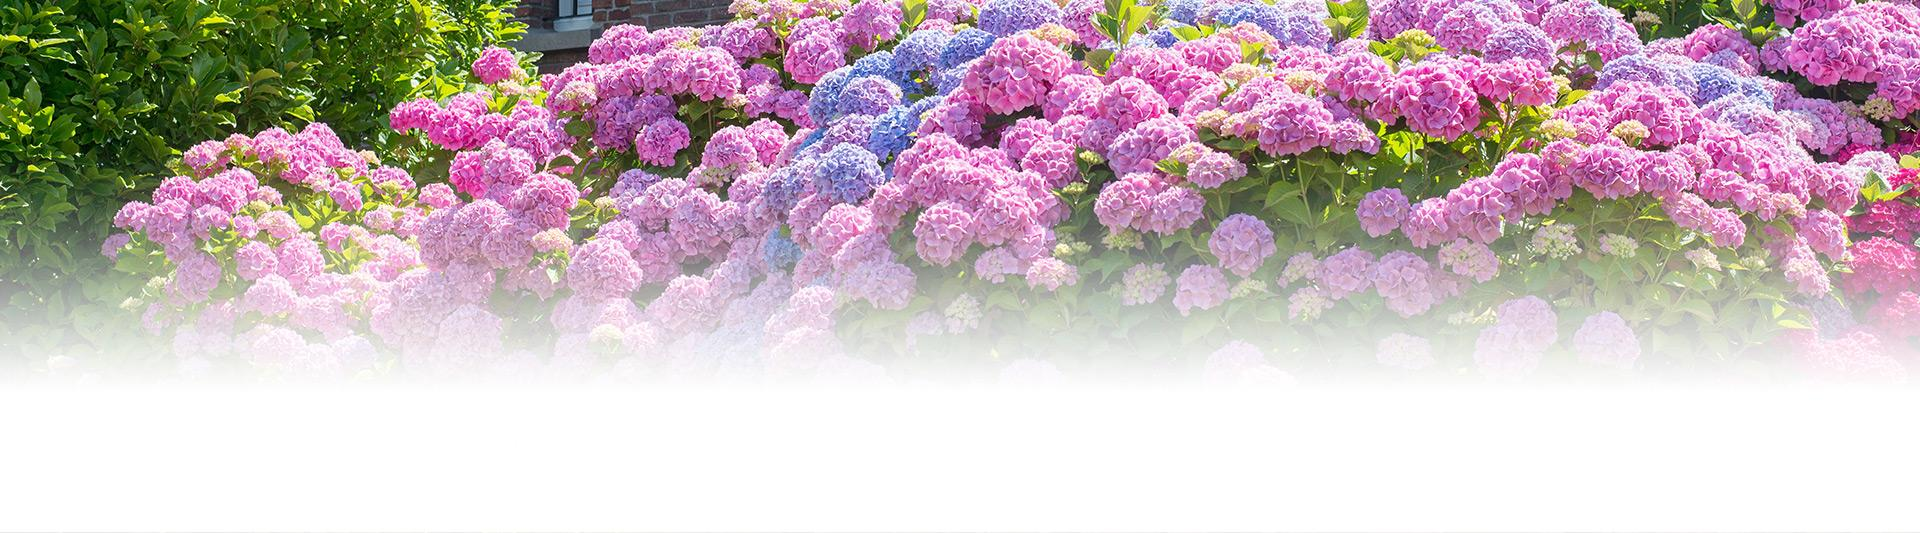 Ogród kwiatów